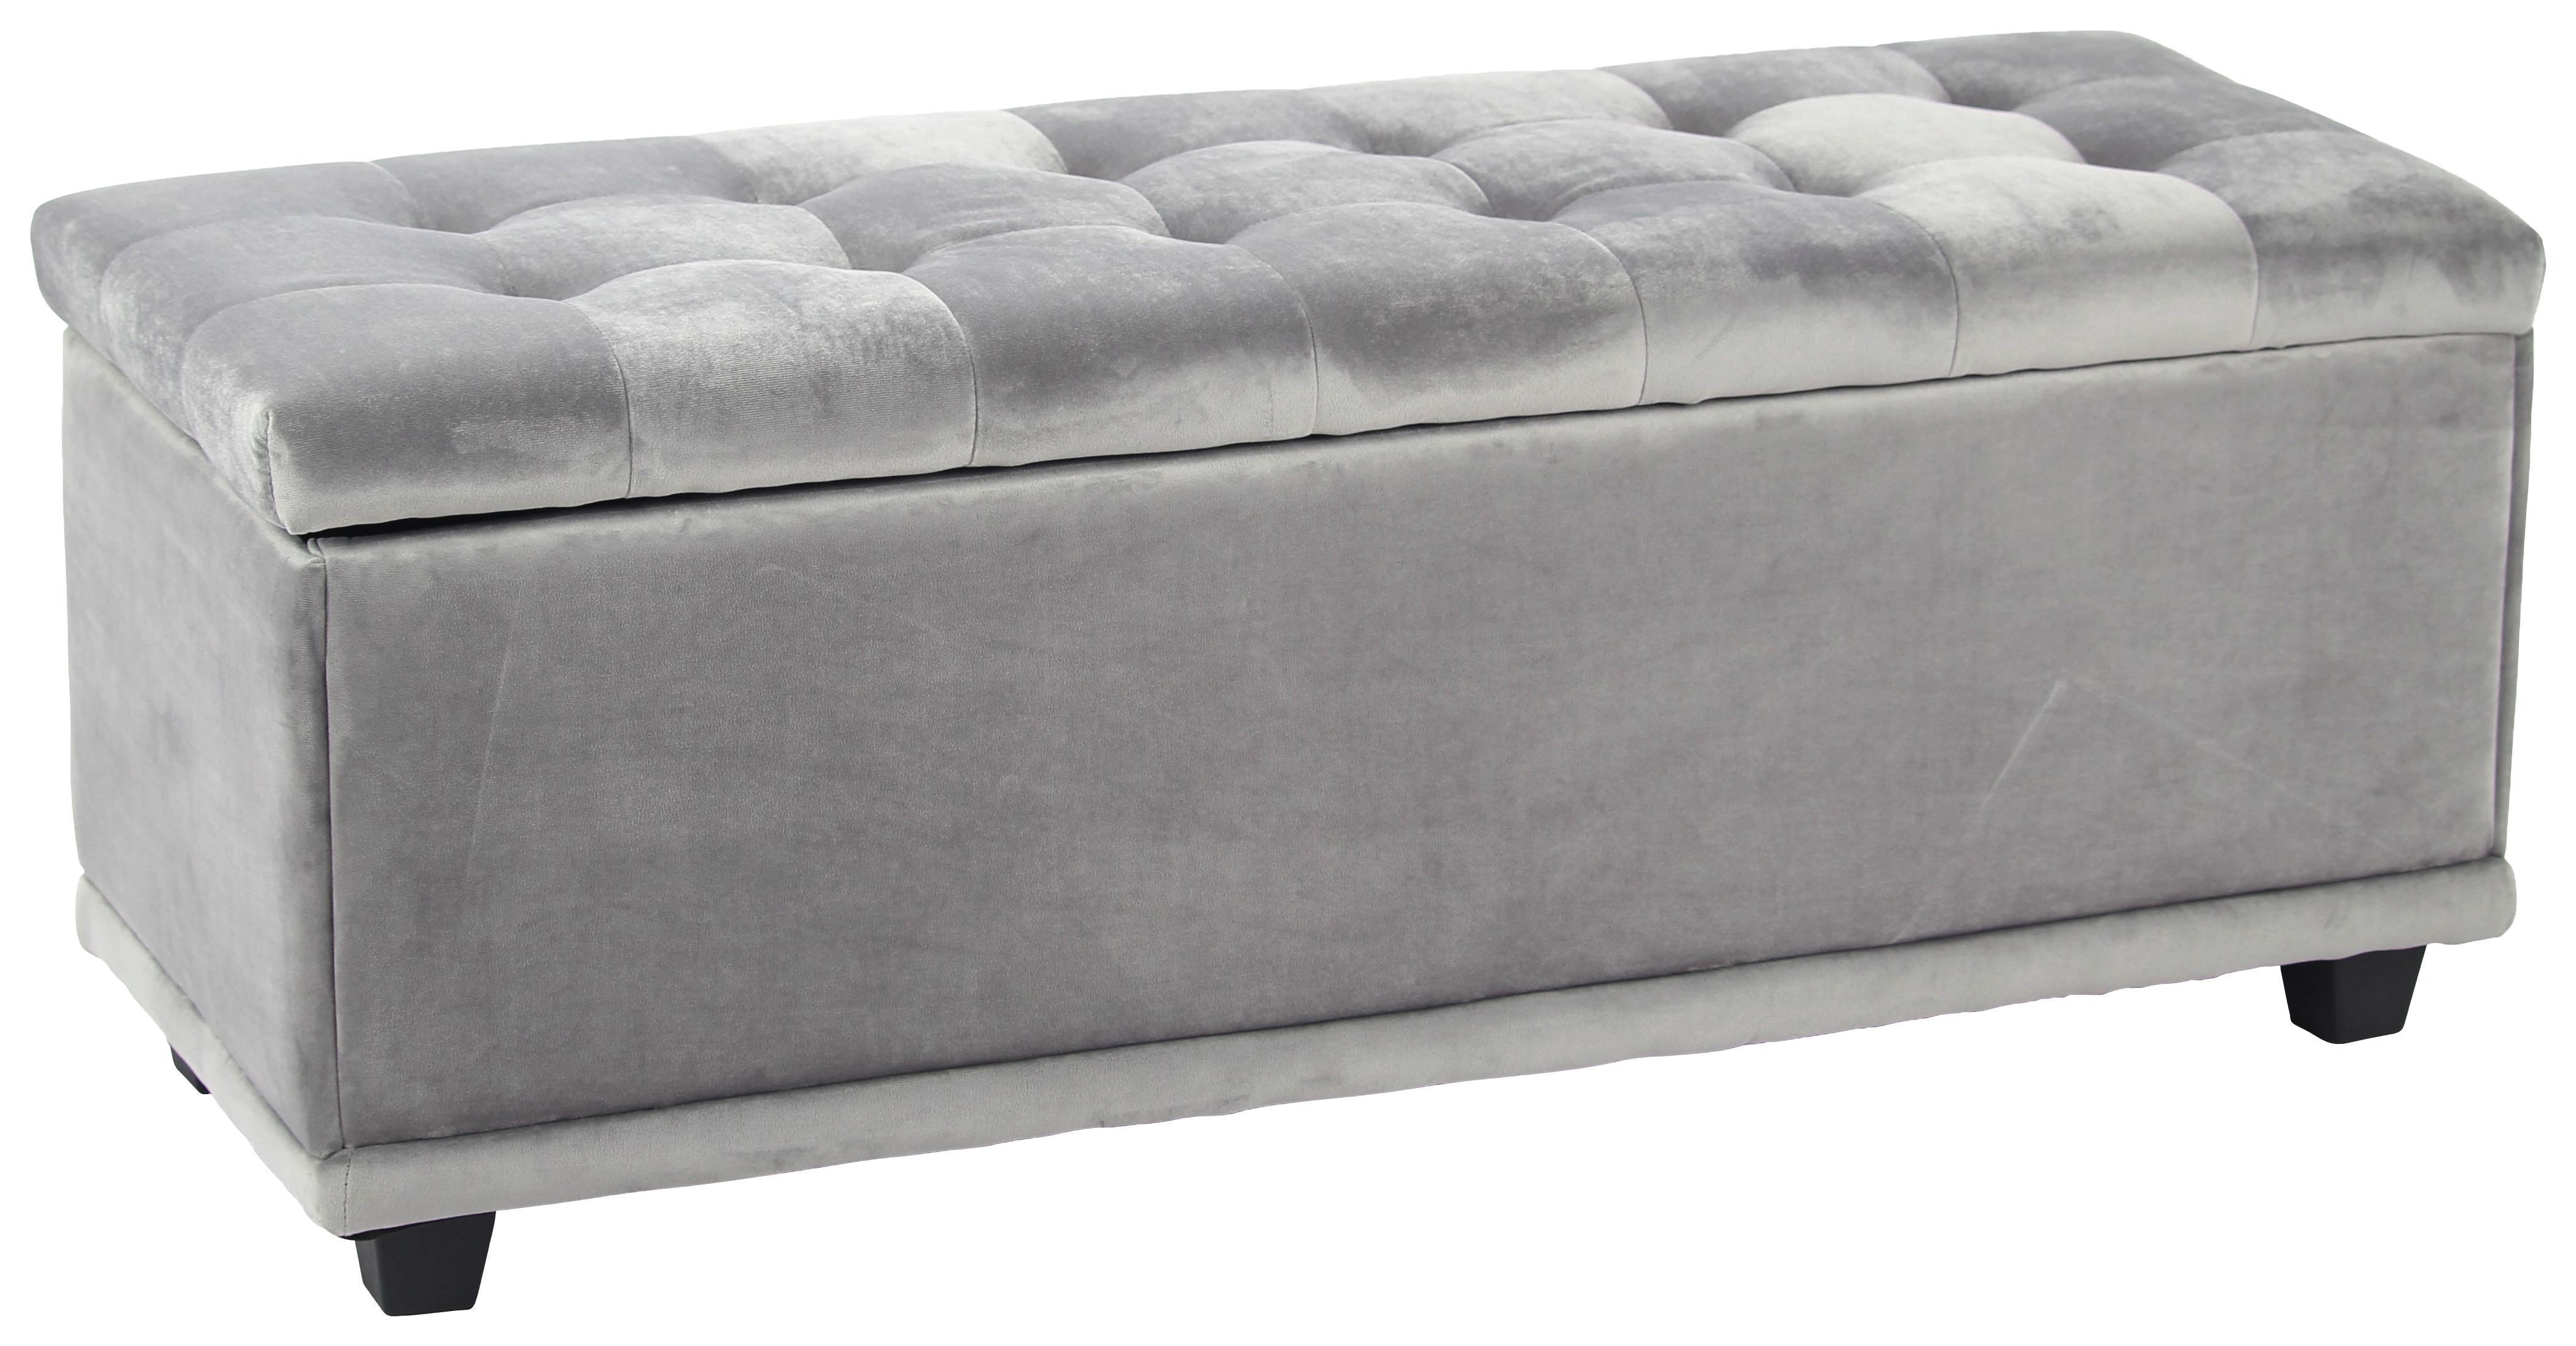 Sitzbank samt grau mit stauraum online kaufen ➤ möbelix